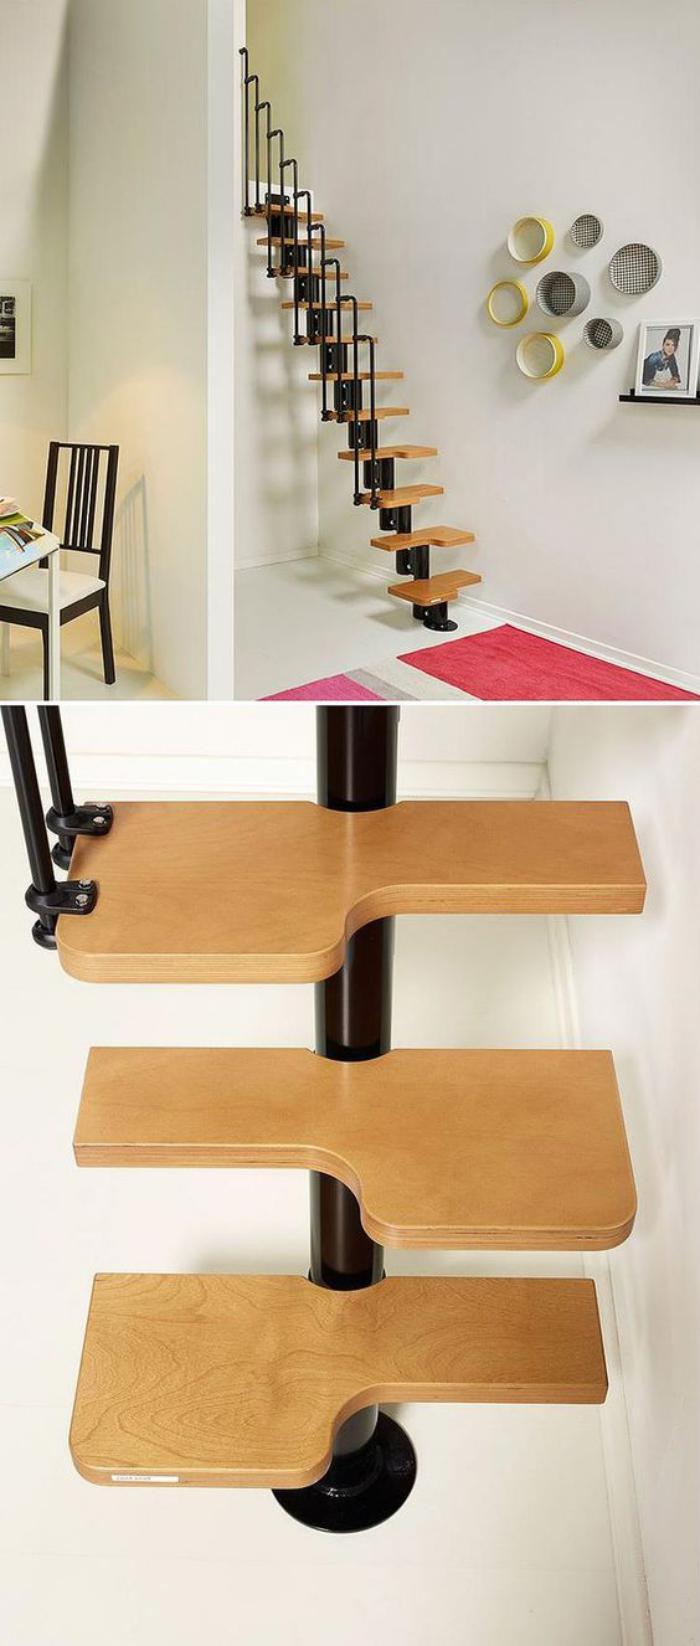 escalier-modulaire-avec-marches-a-ajuster-designs-descalier-epargnant-espace